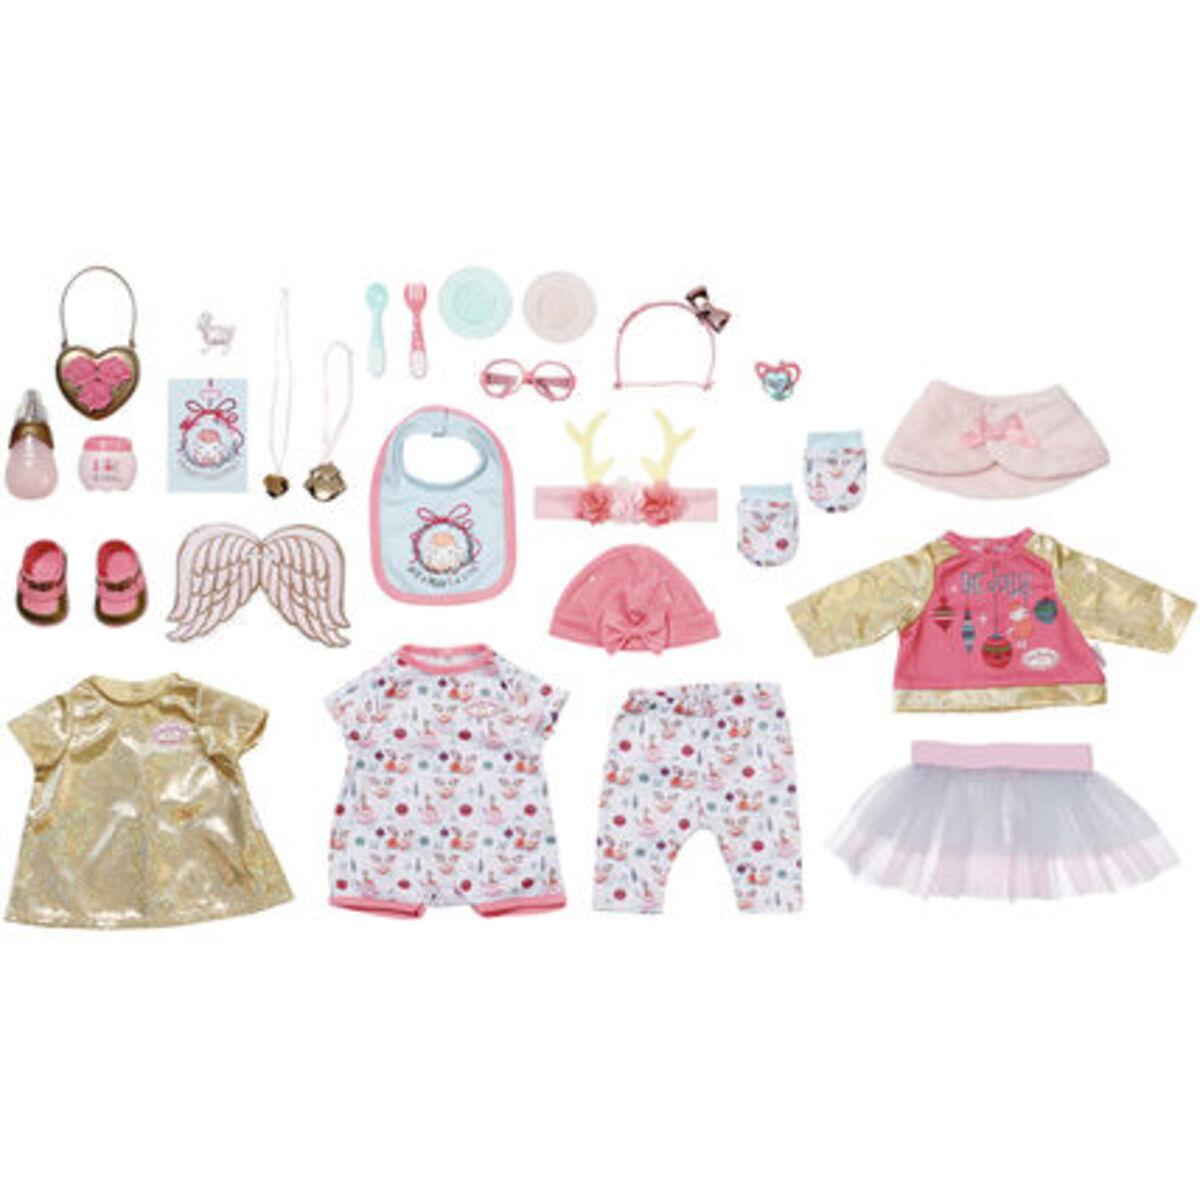 Bild 1 von Zapf Creation® Baby Annabell® Adventskalender